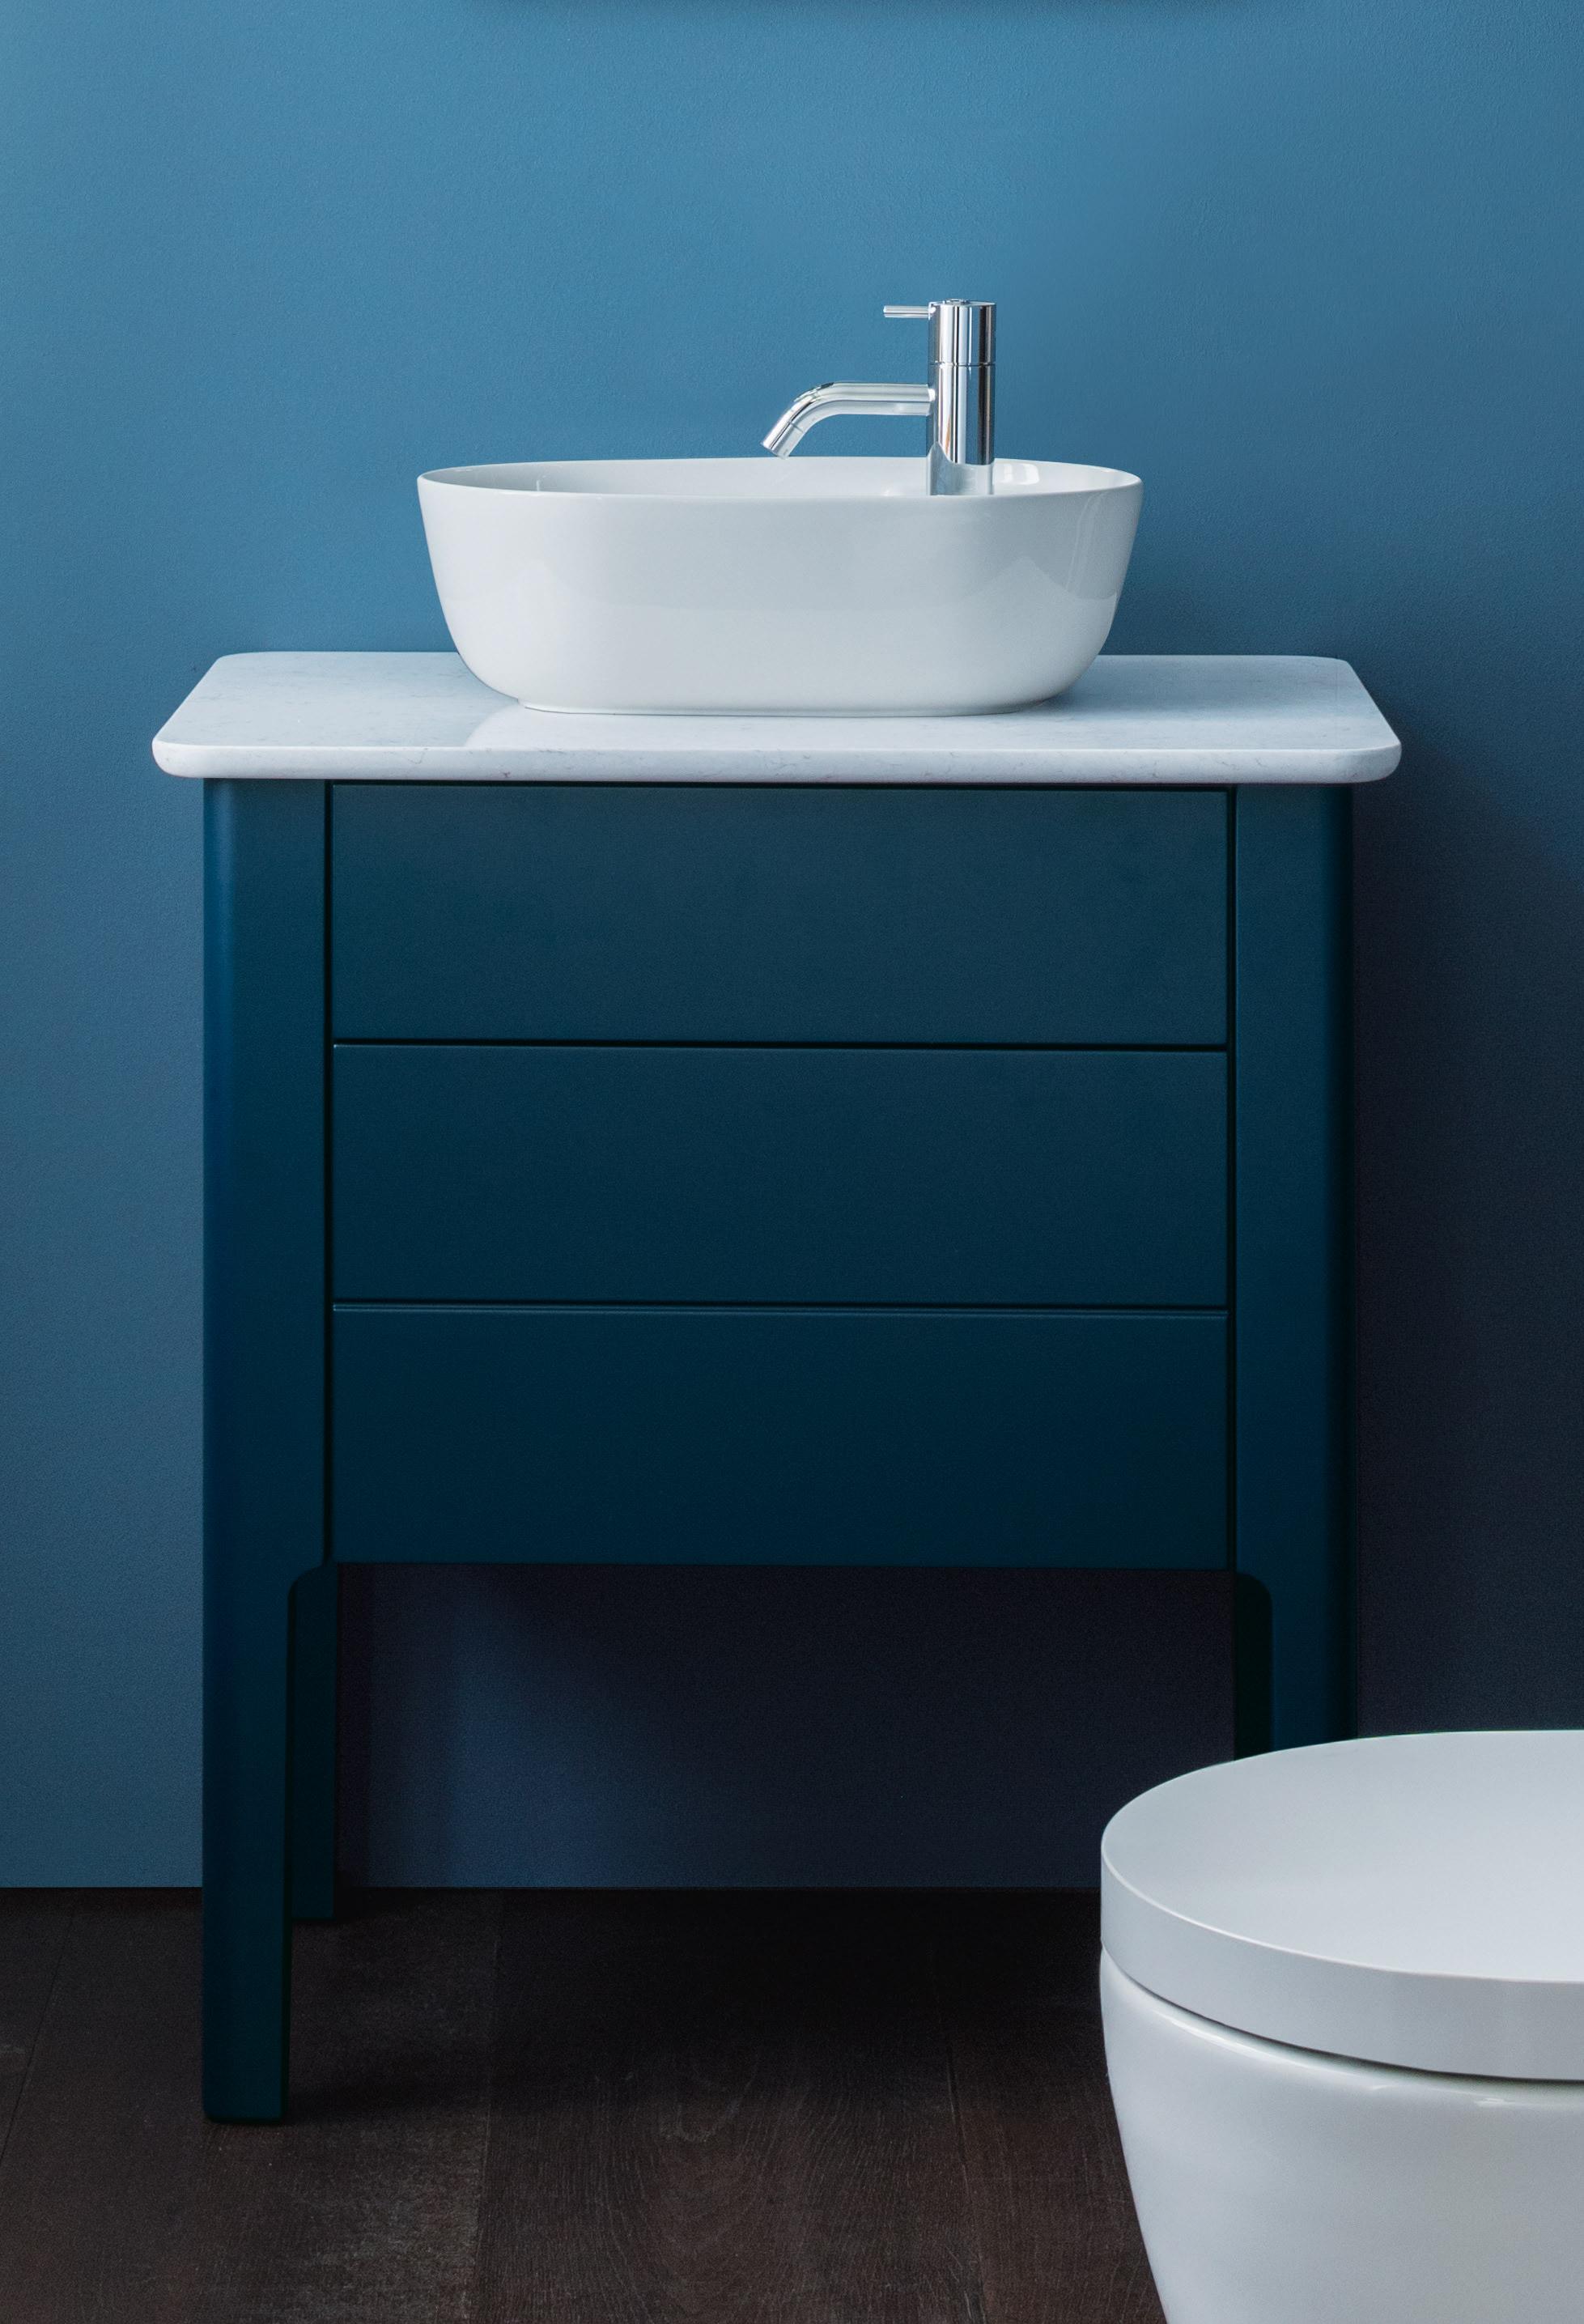 Luv de duravit meubles de salle de bainsl wcs et bien for A quoi sert un bidet dans une salle de bain